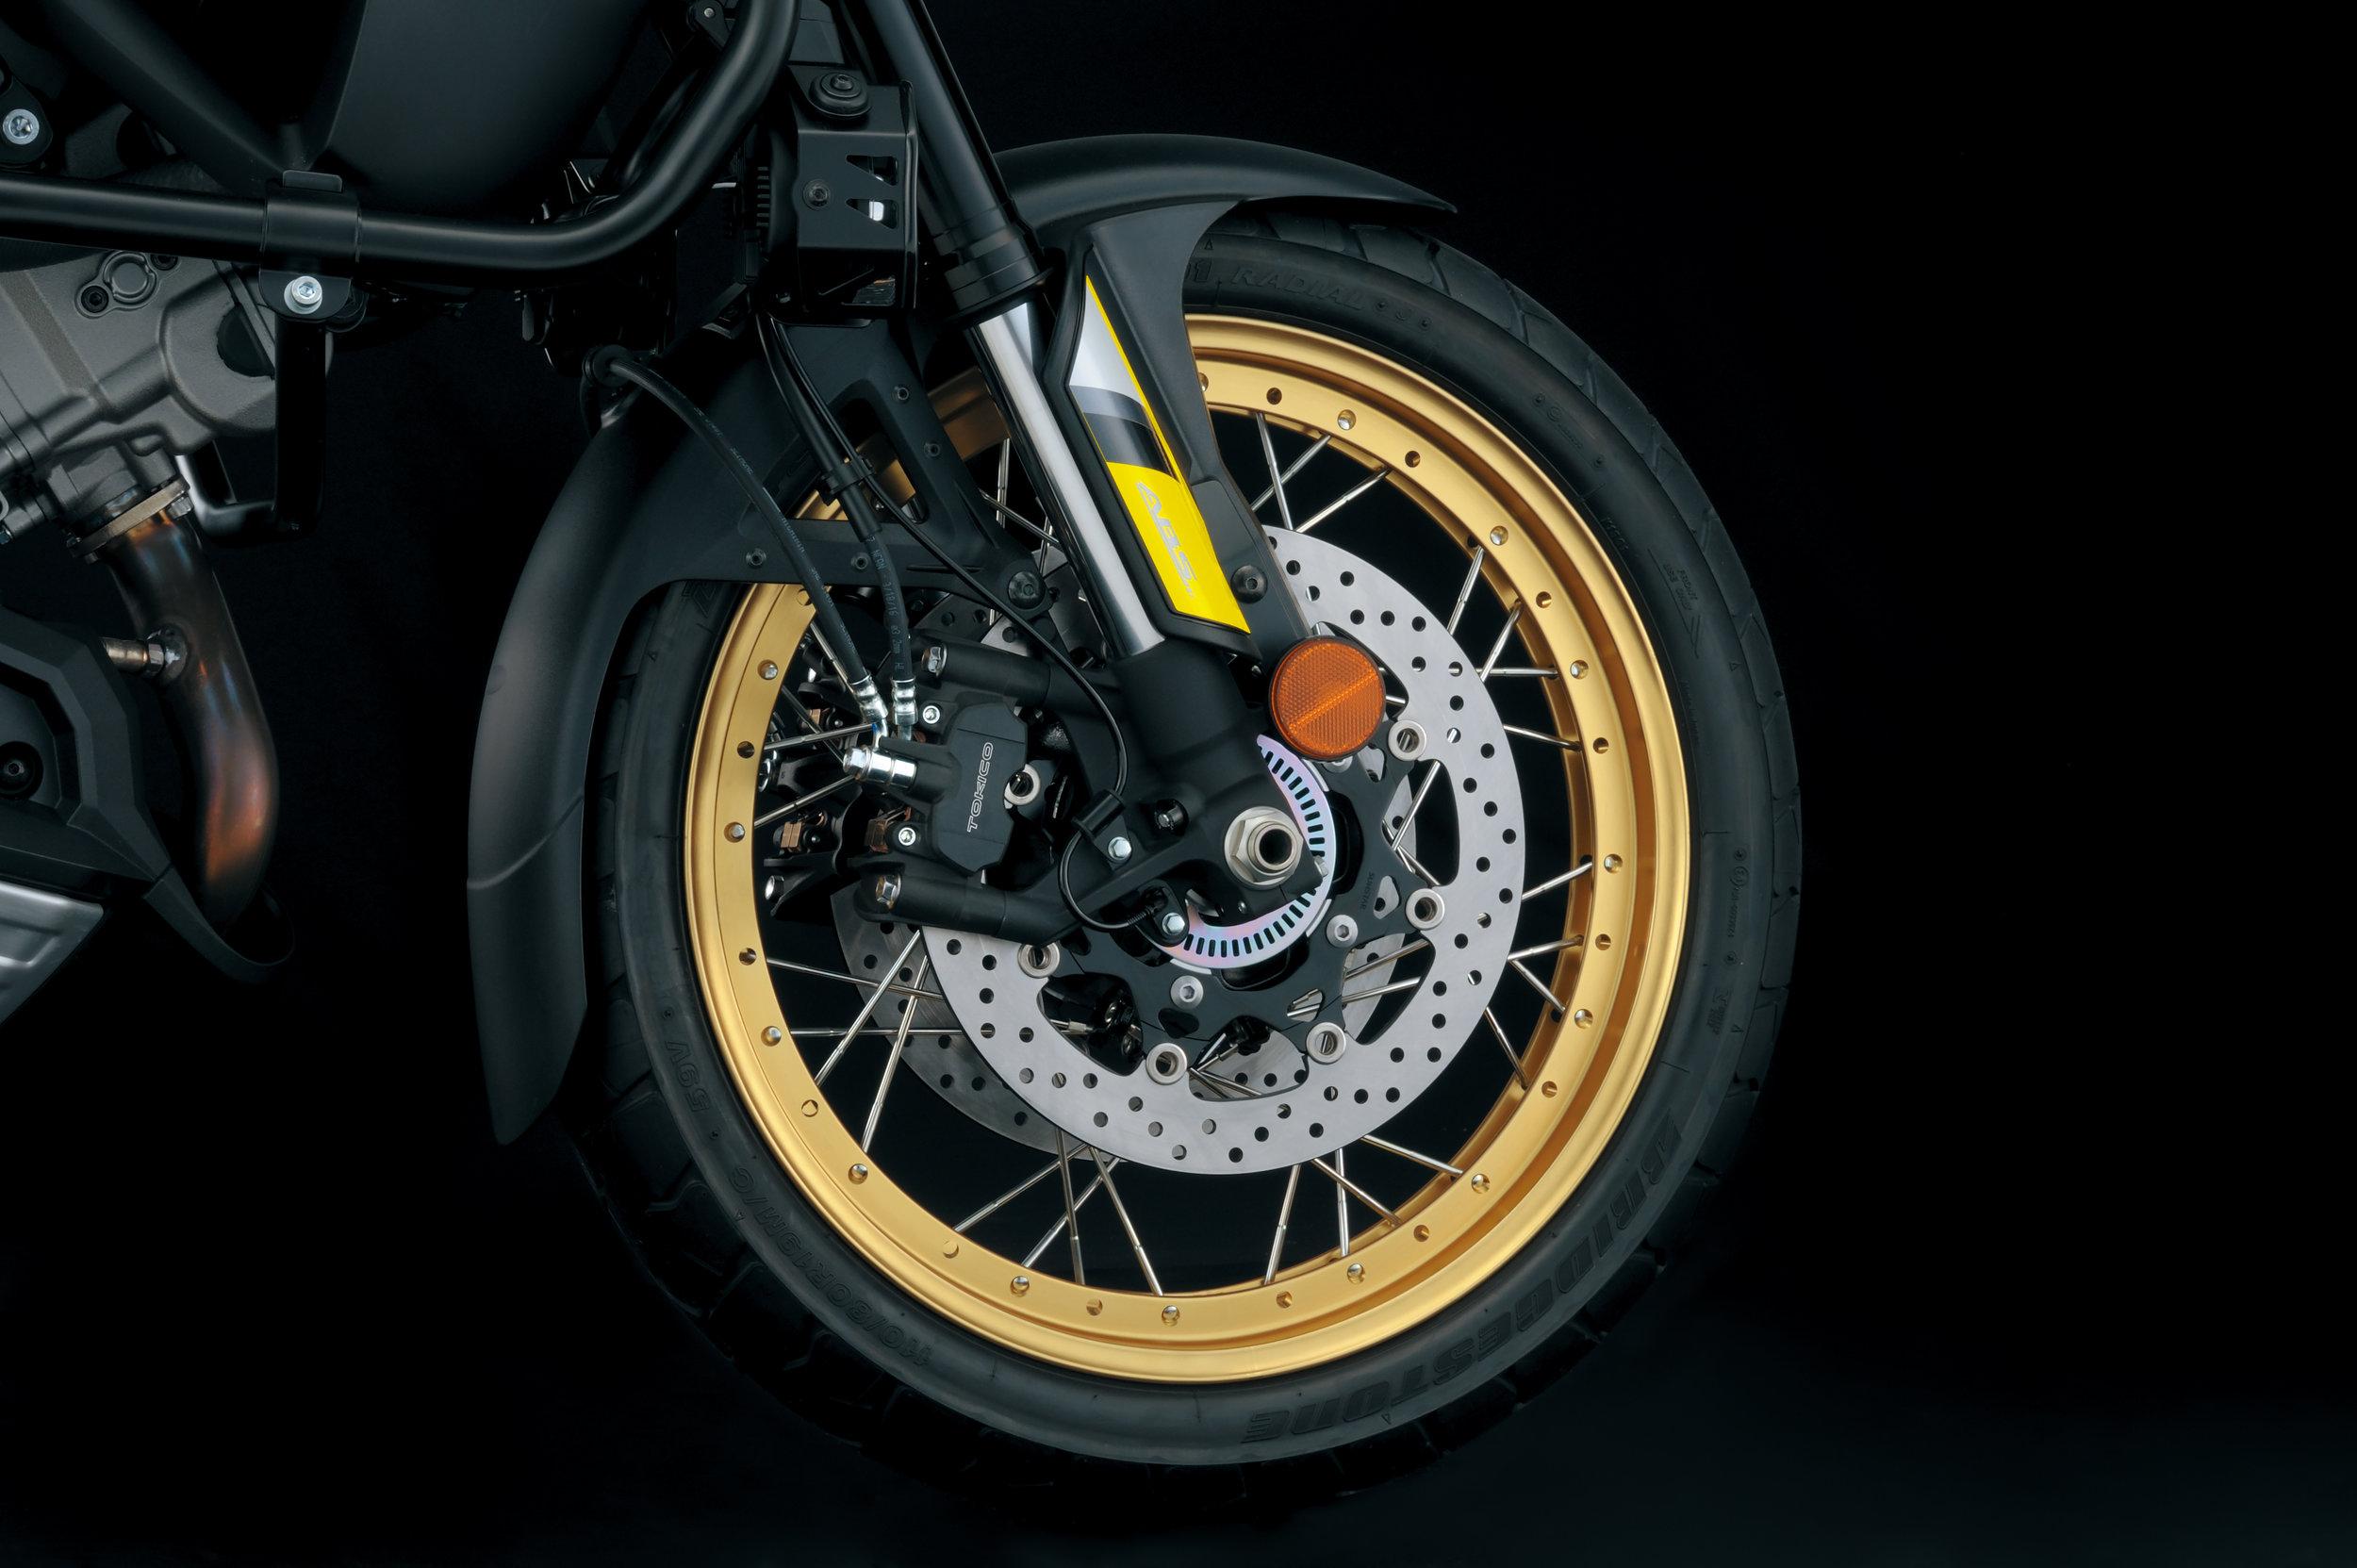 DL1000XAL8_Front_spoke_wheel.jpg